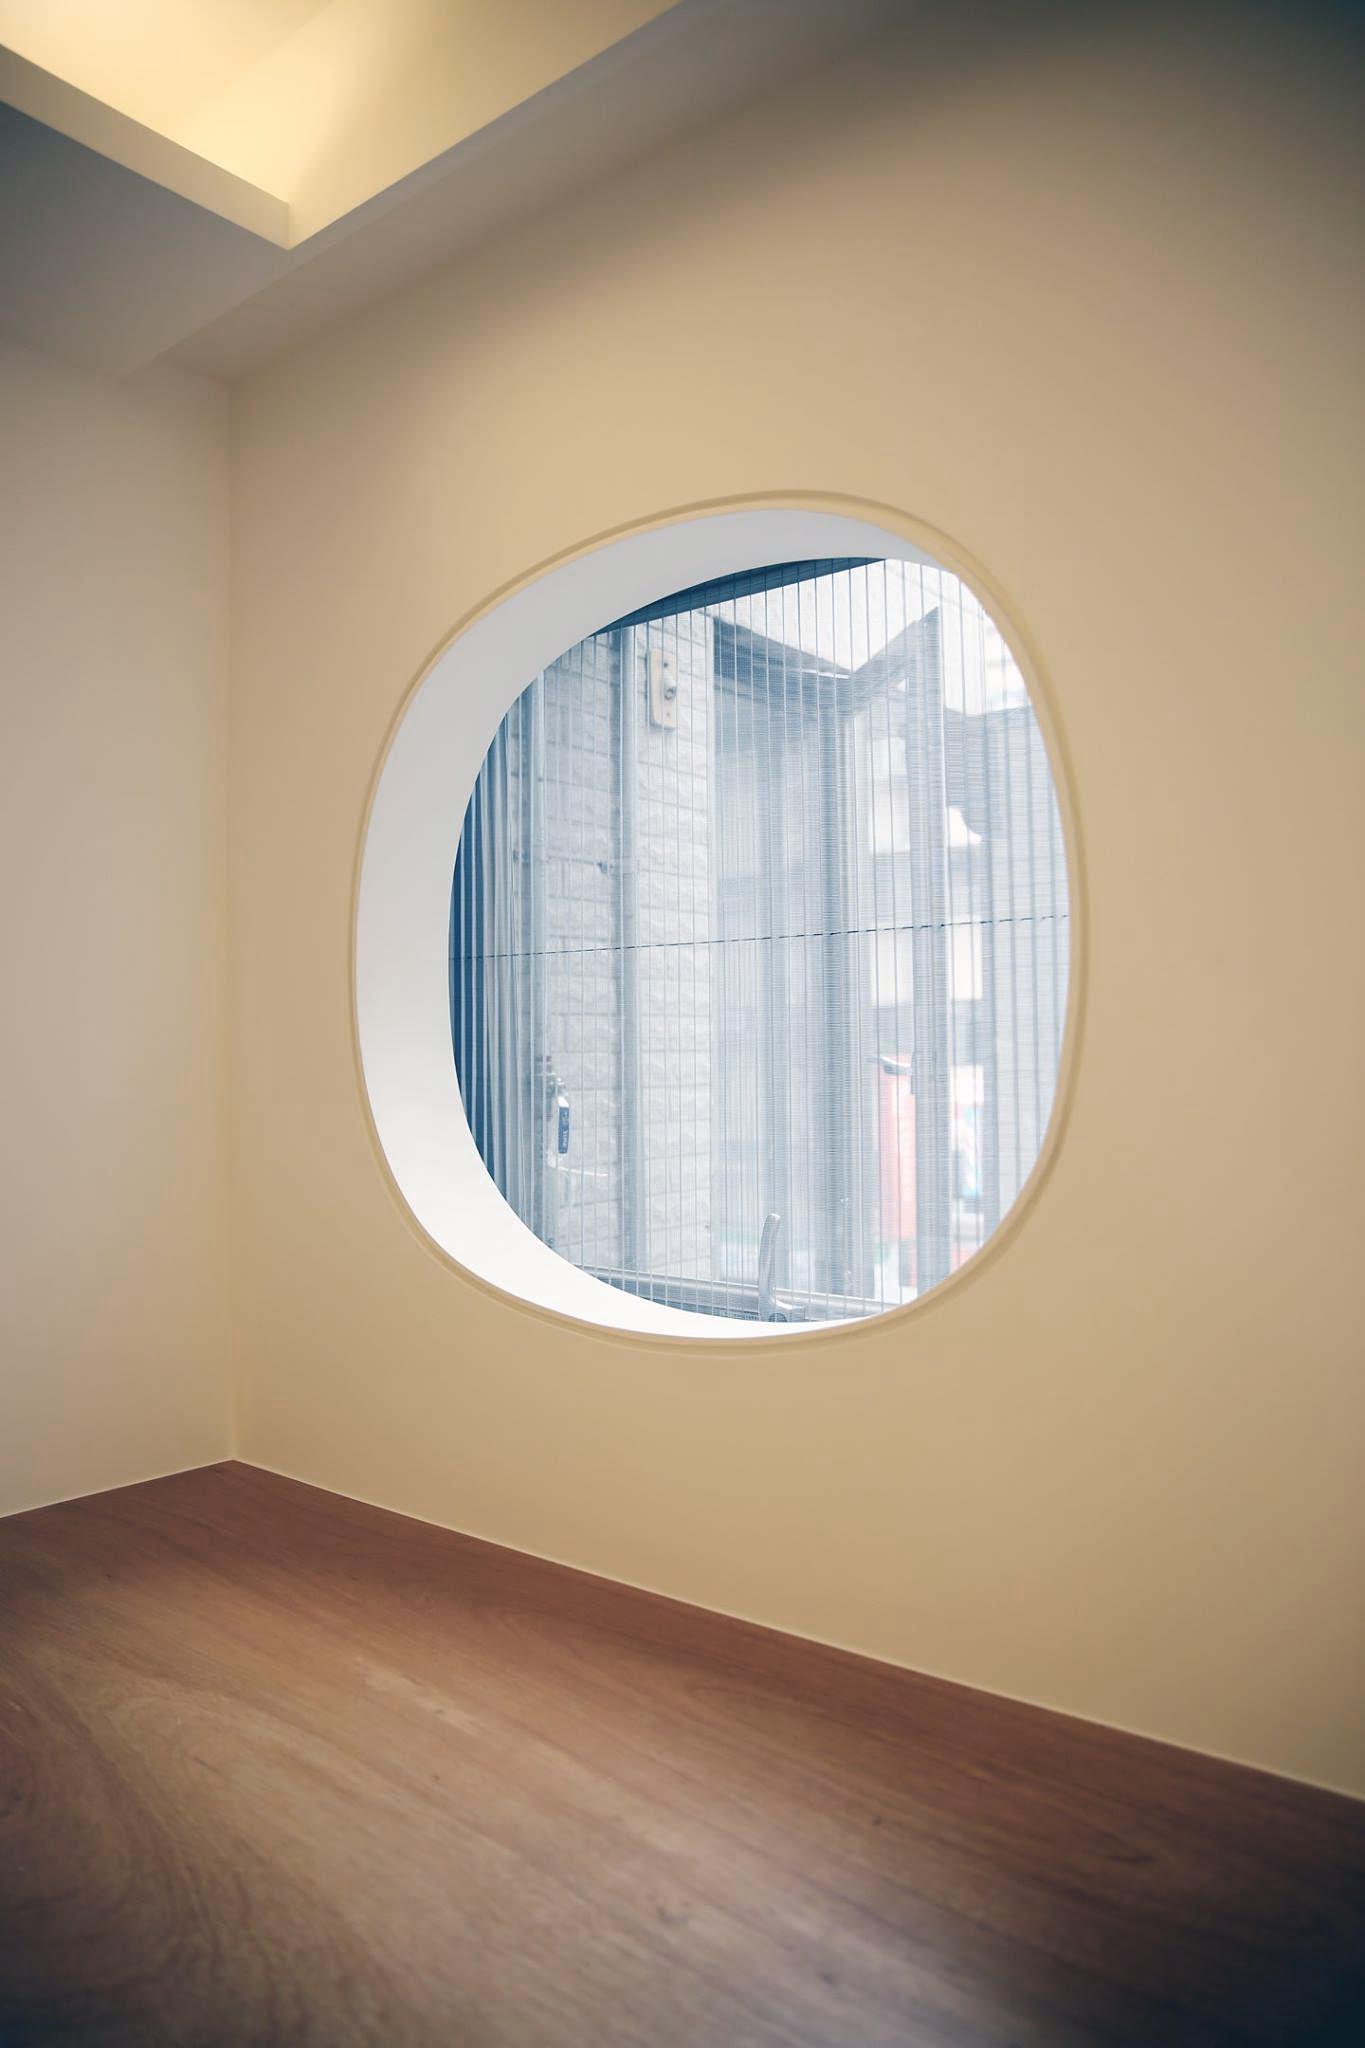 團扇圓的洞窗很適合這裡,圓潤溫暖